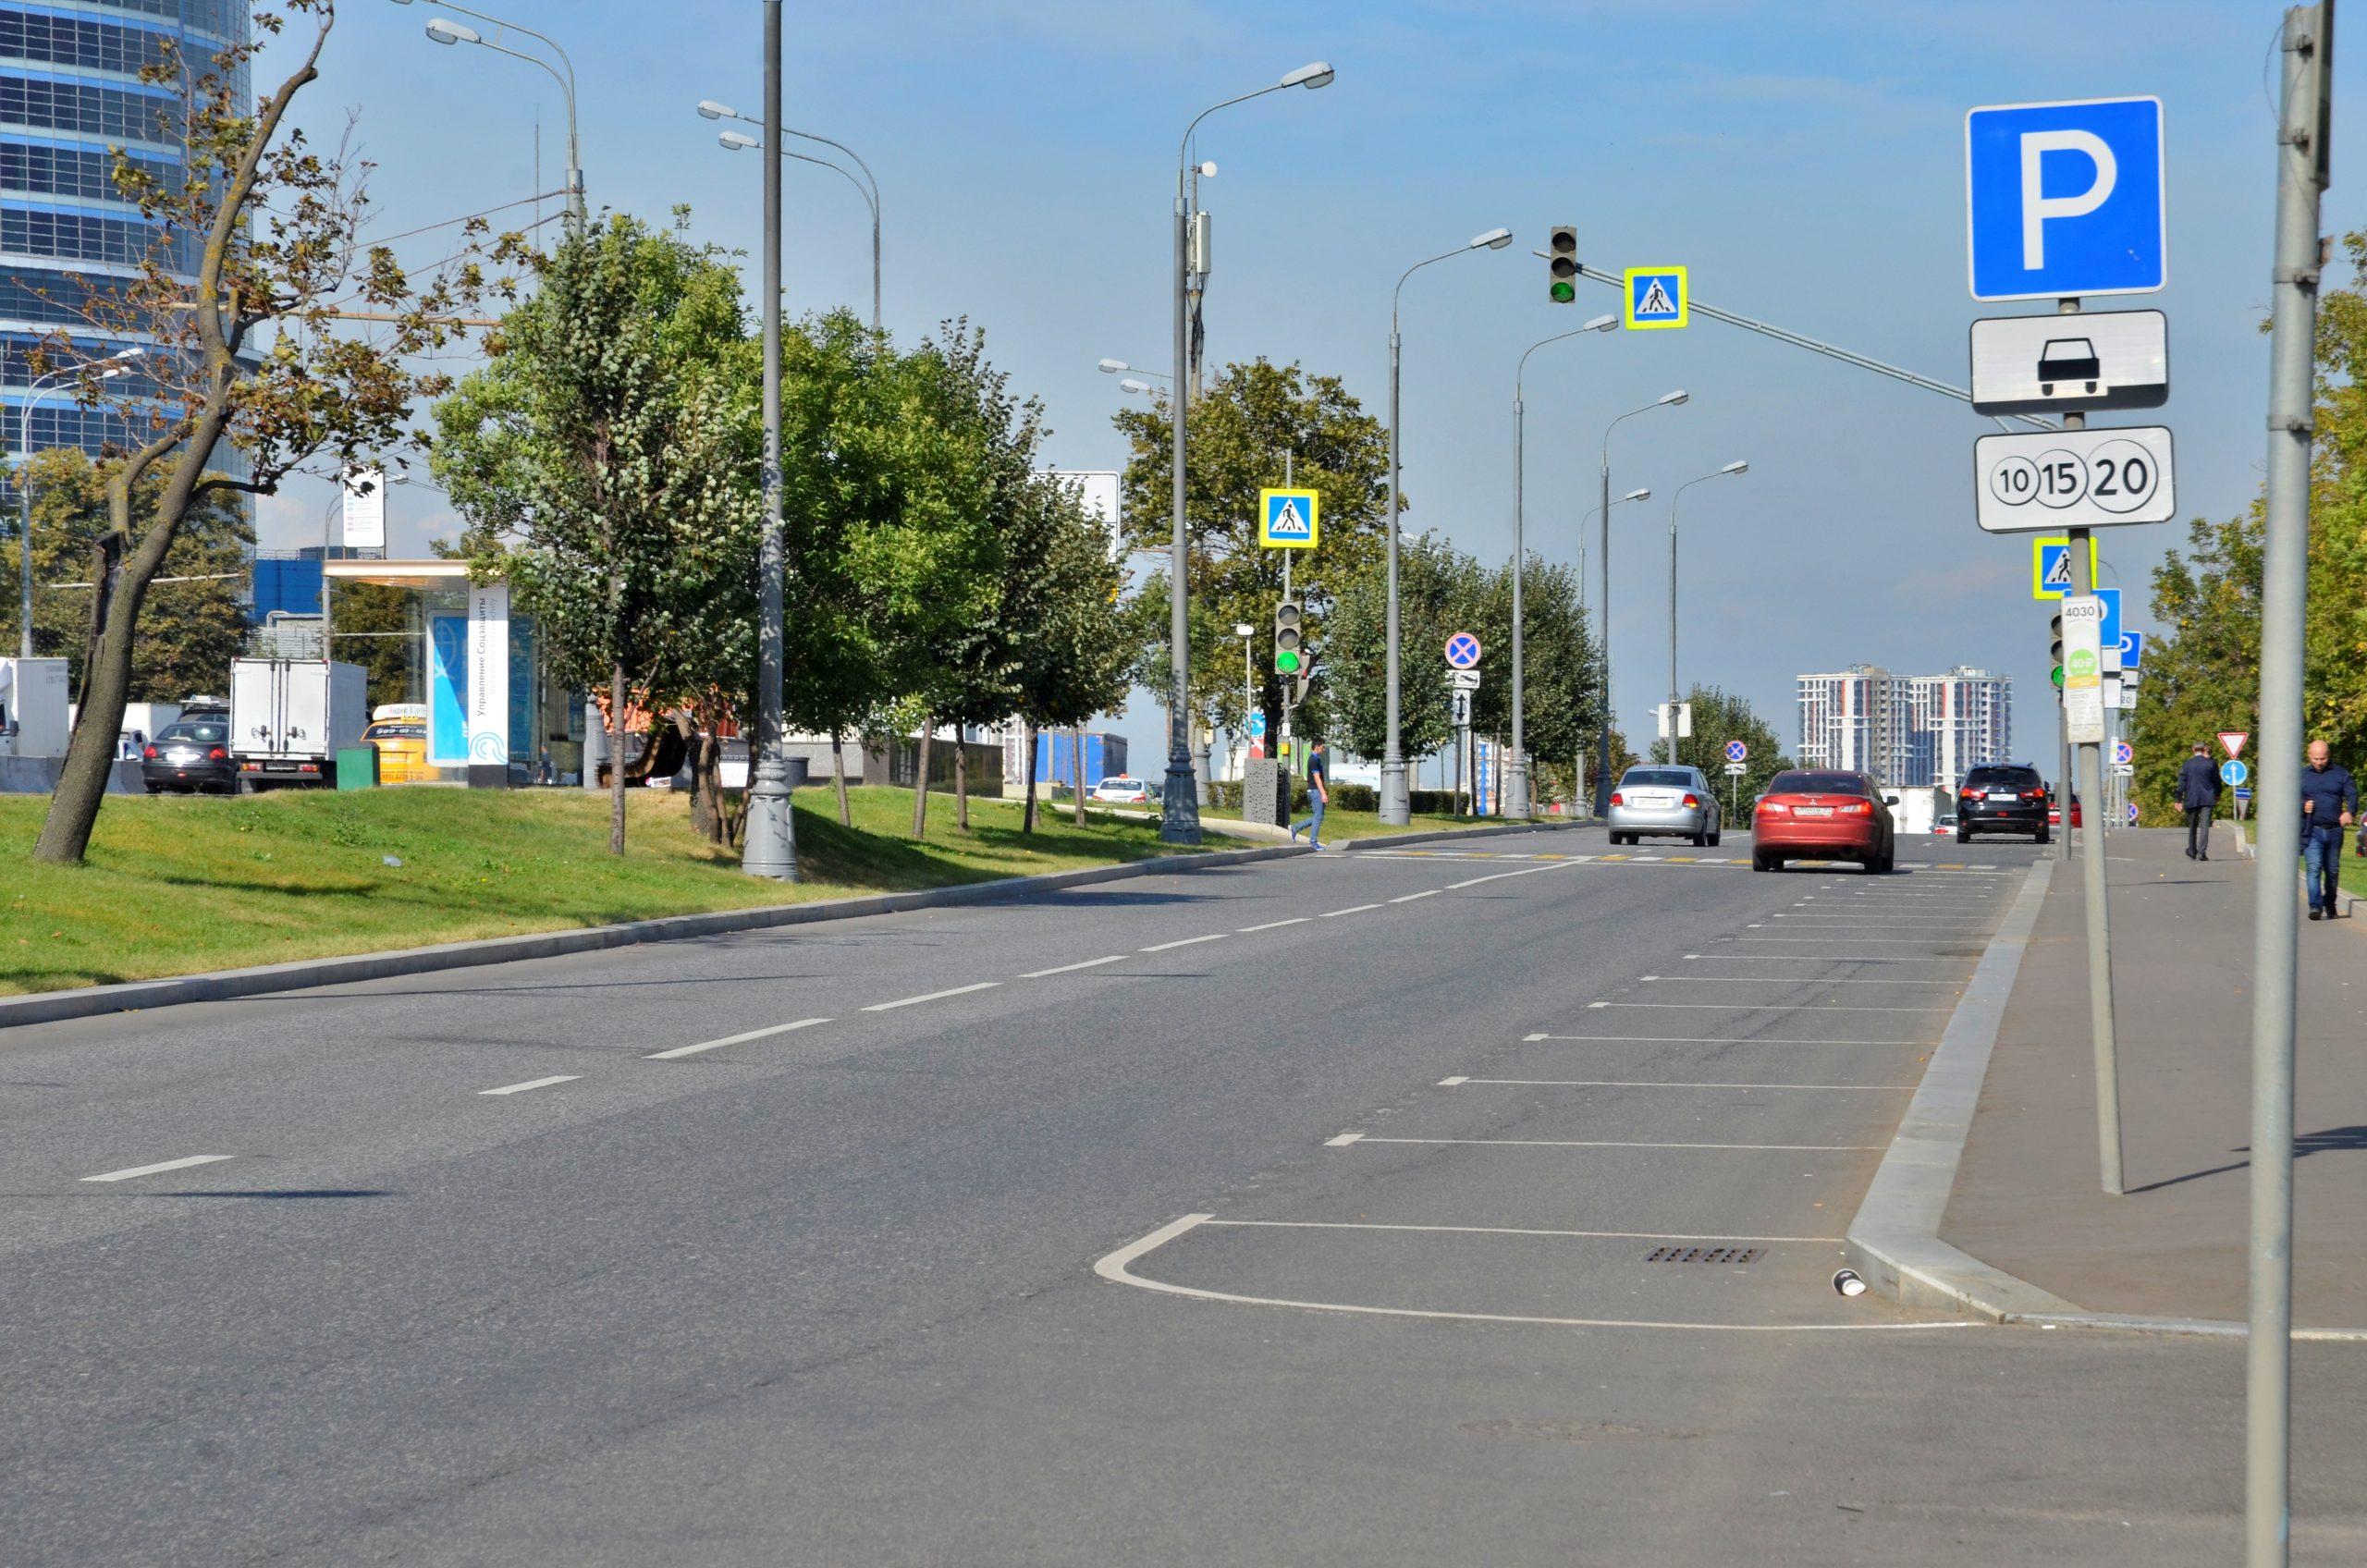 Специалисты прорабатывают концепцию дорожной застройки юга столицы. Фото: Анна Быкова